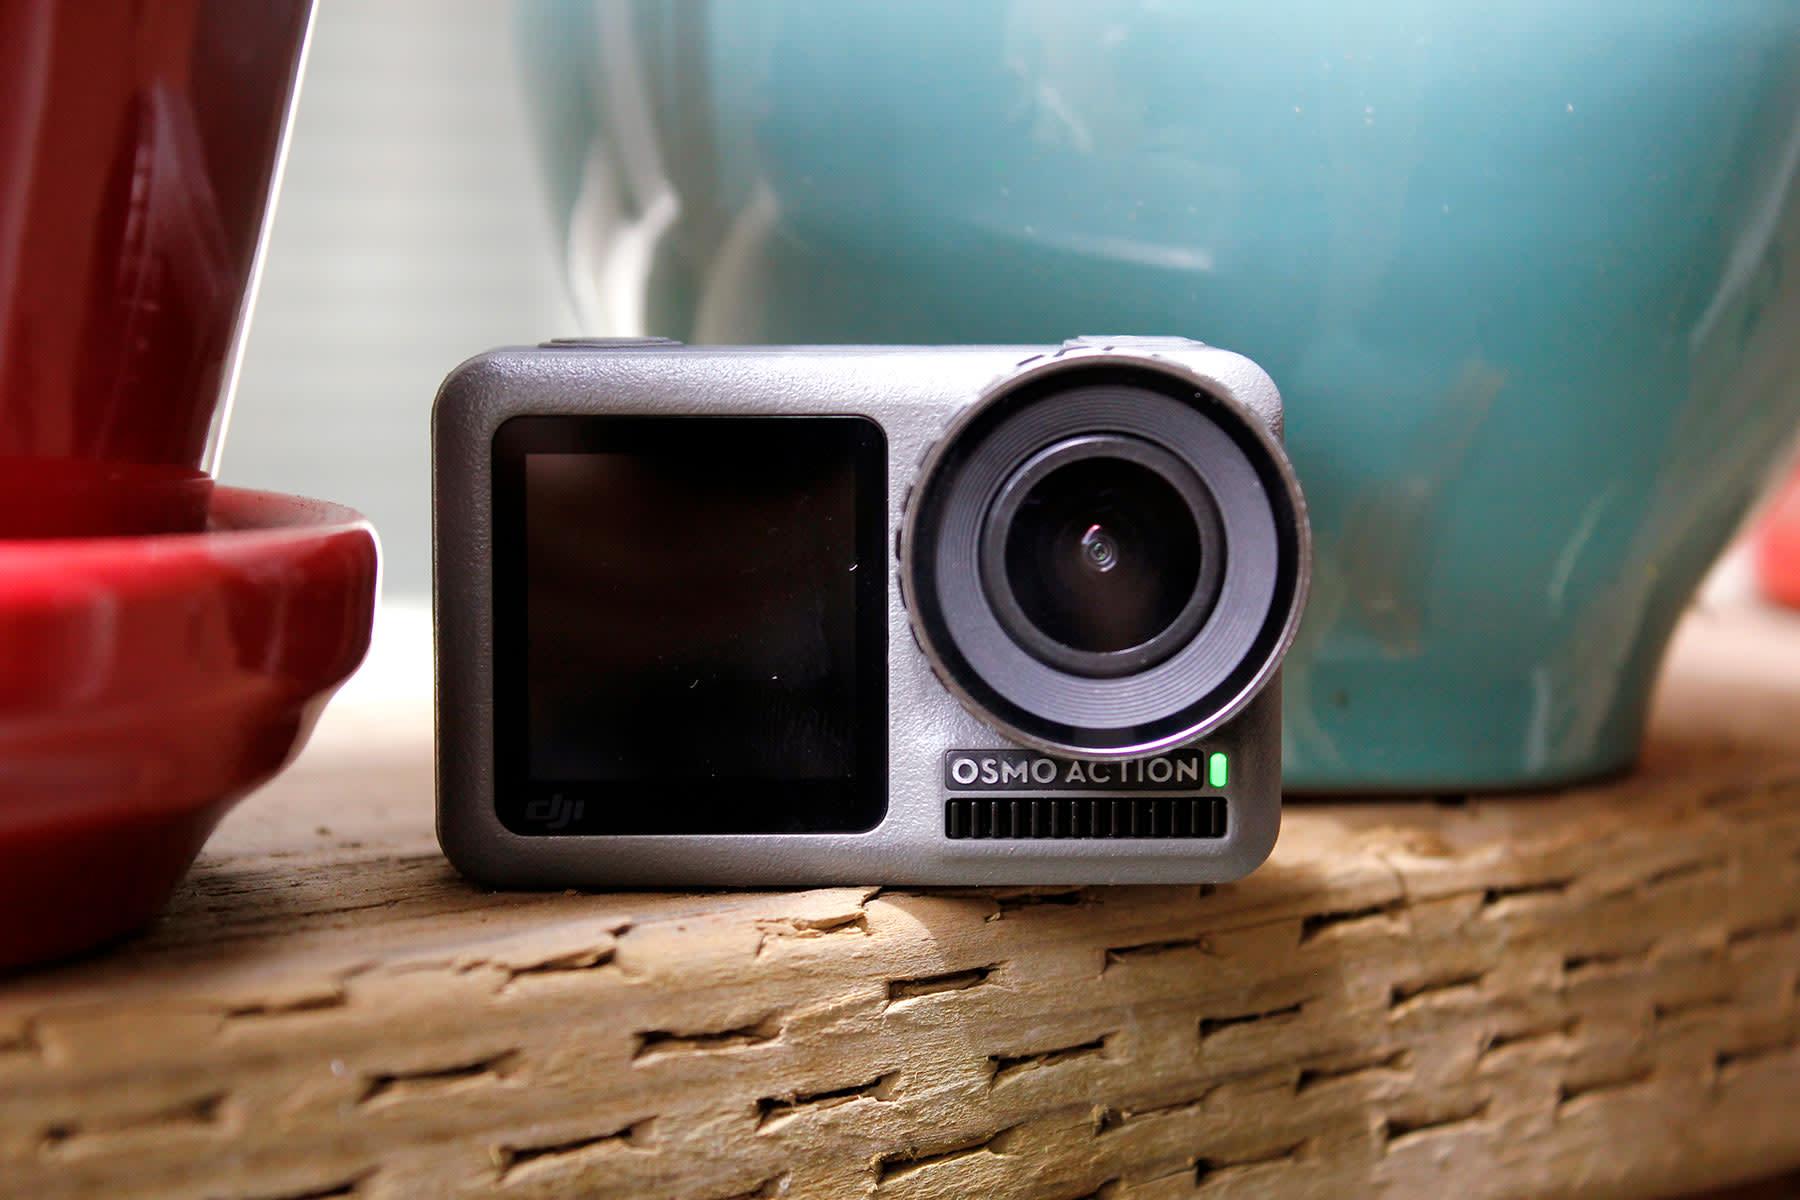 DJI Osmo Action incelemesi: Değerli bir GoPro rakibi | Engadget